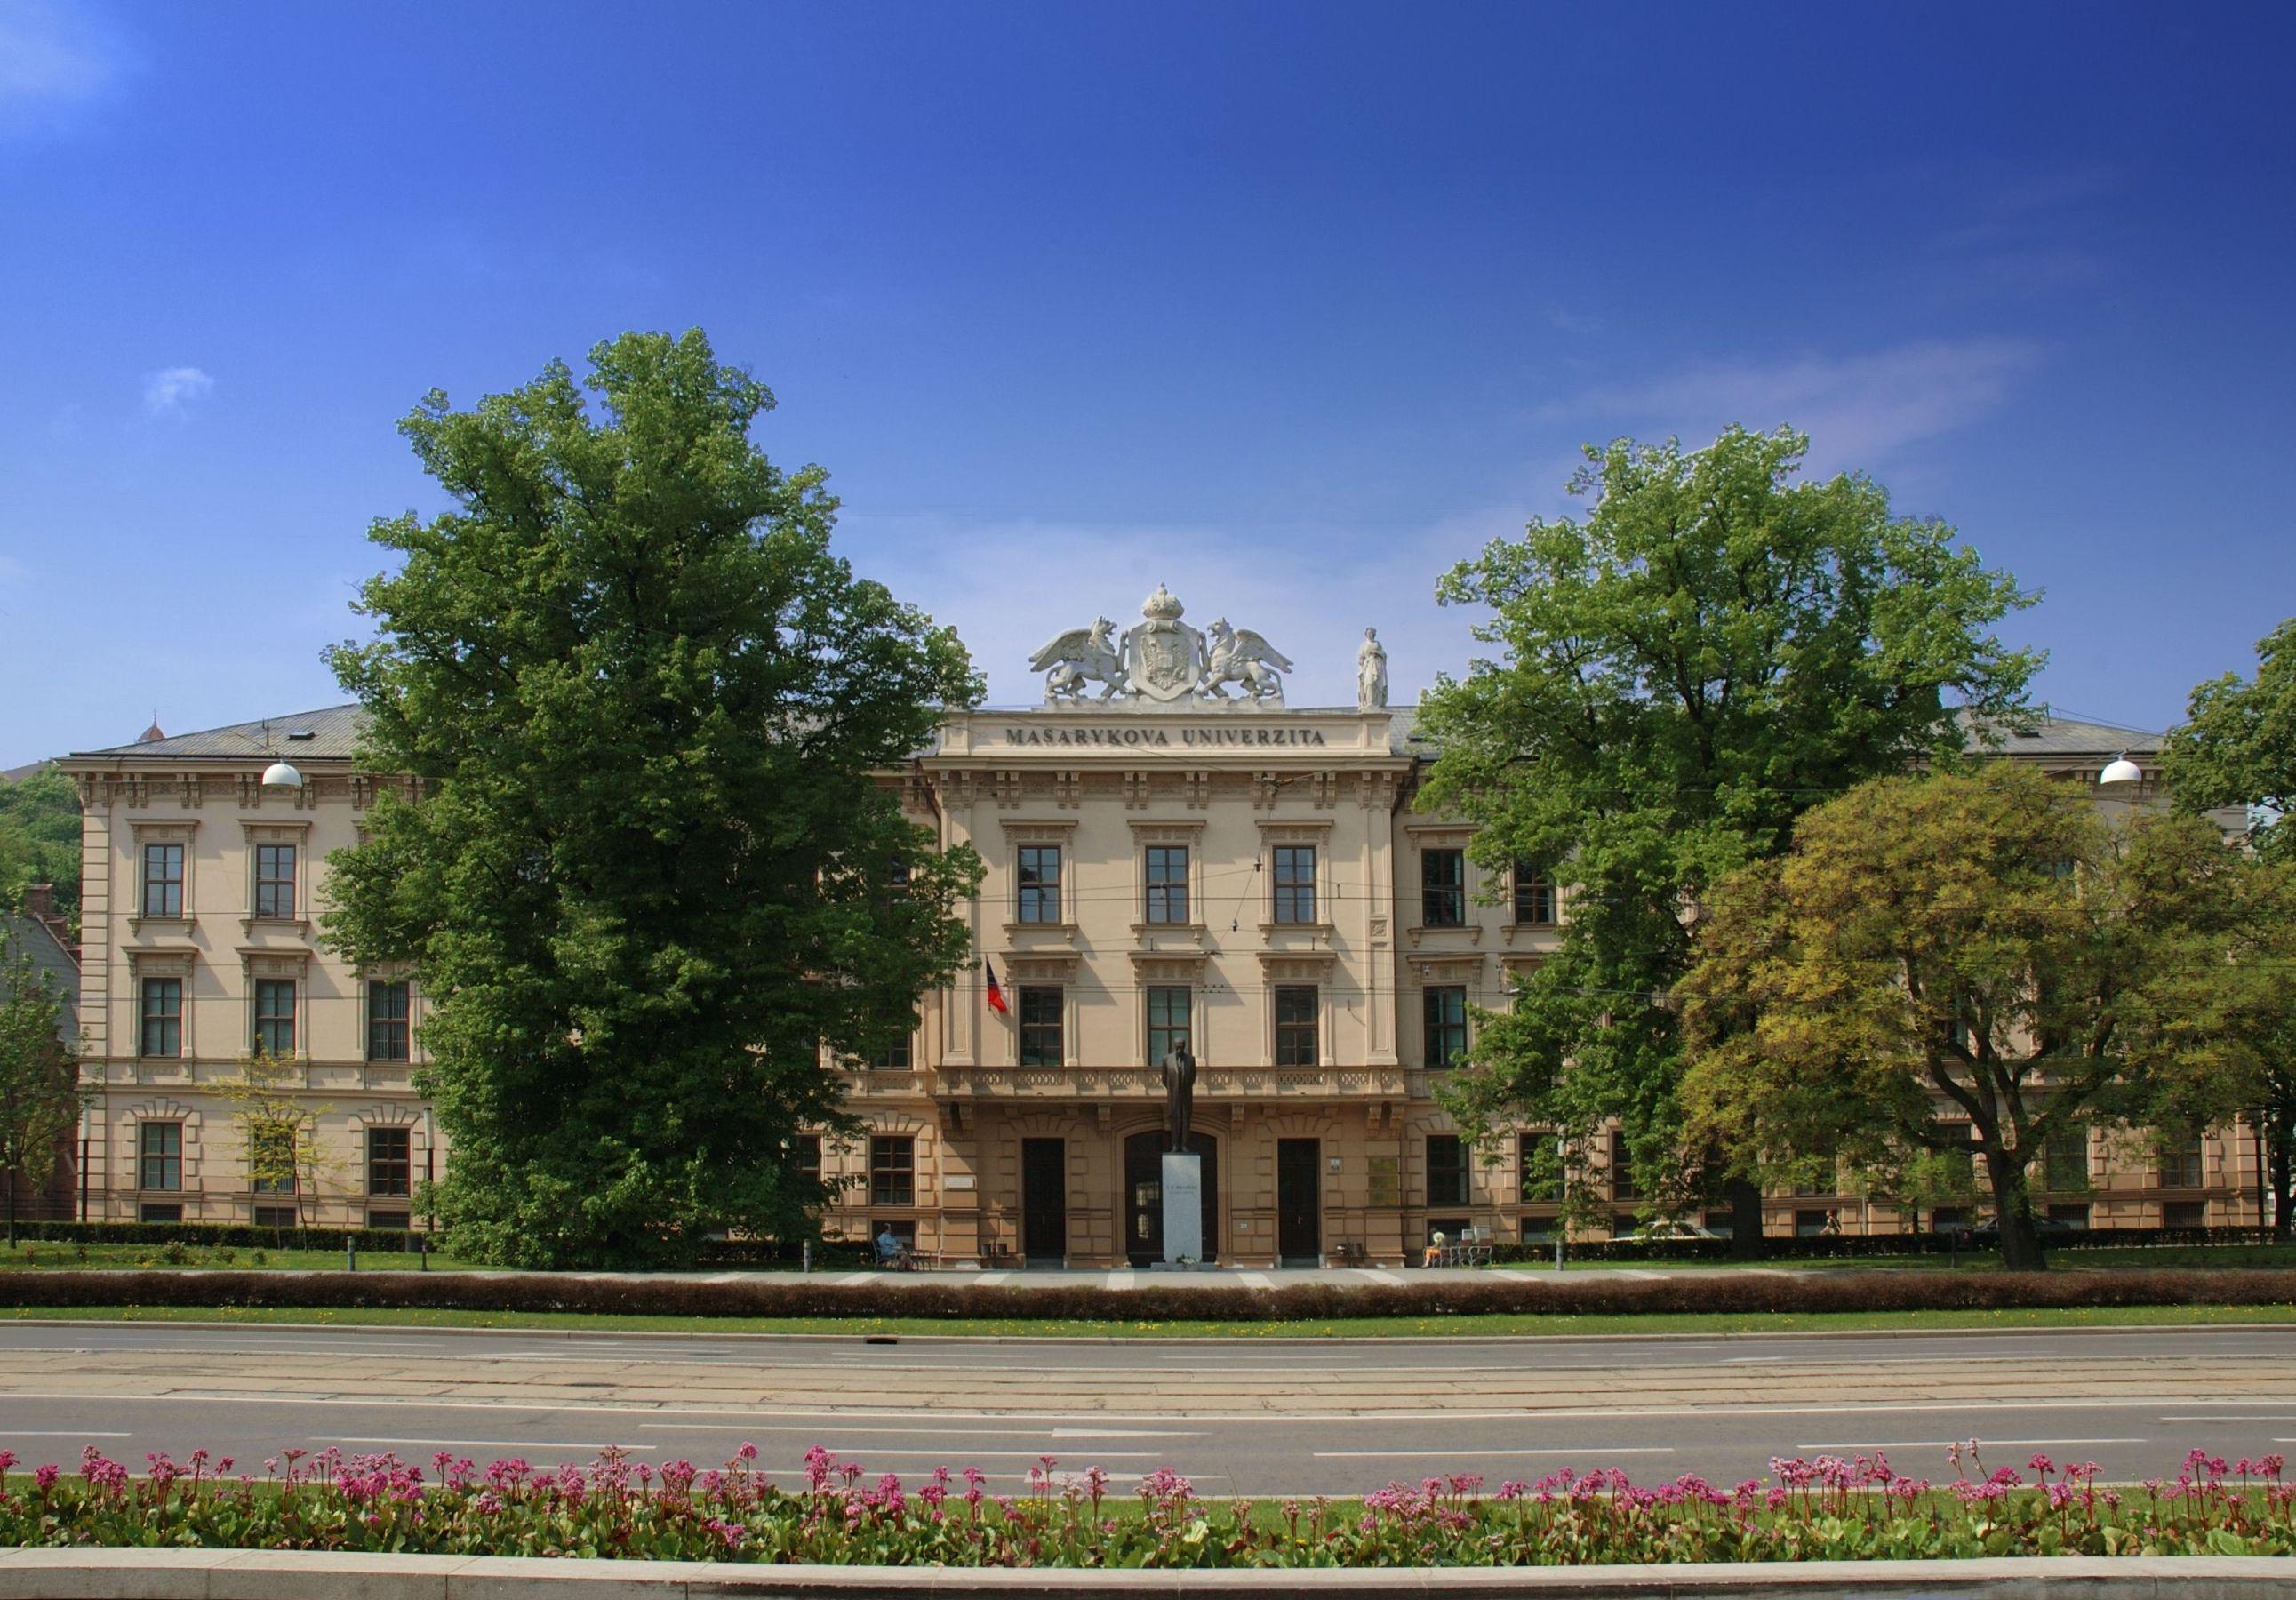 Komenského square in Brno